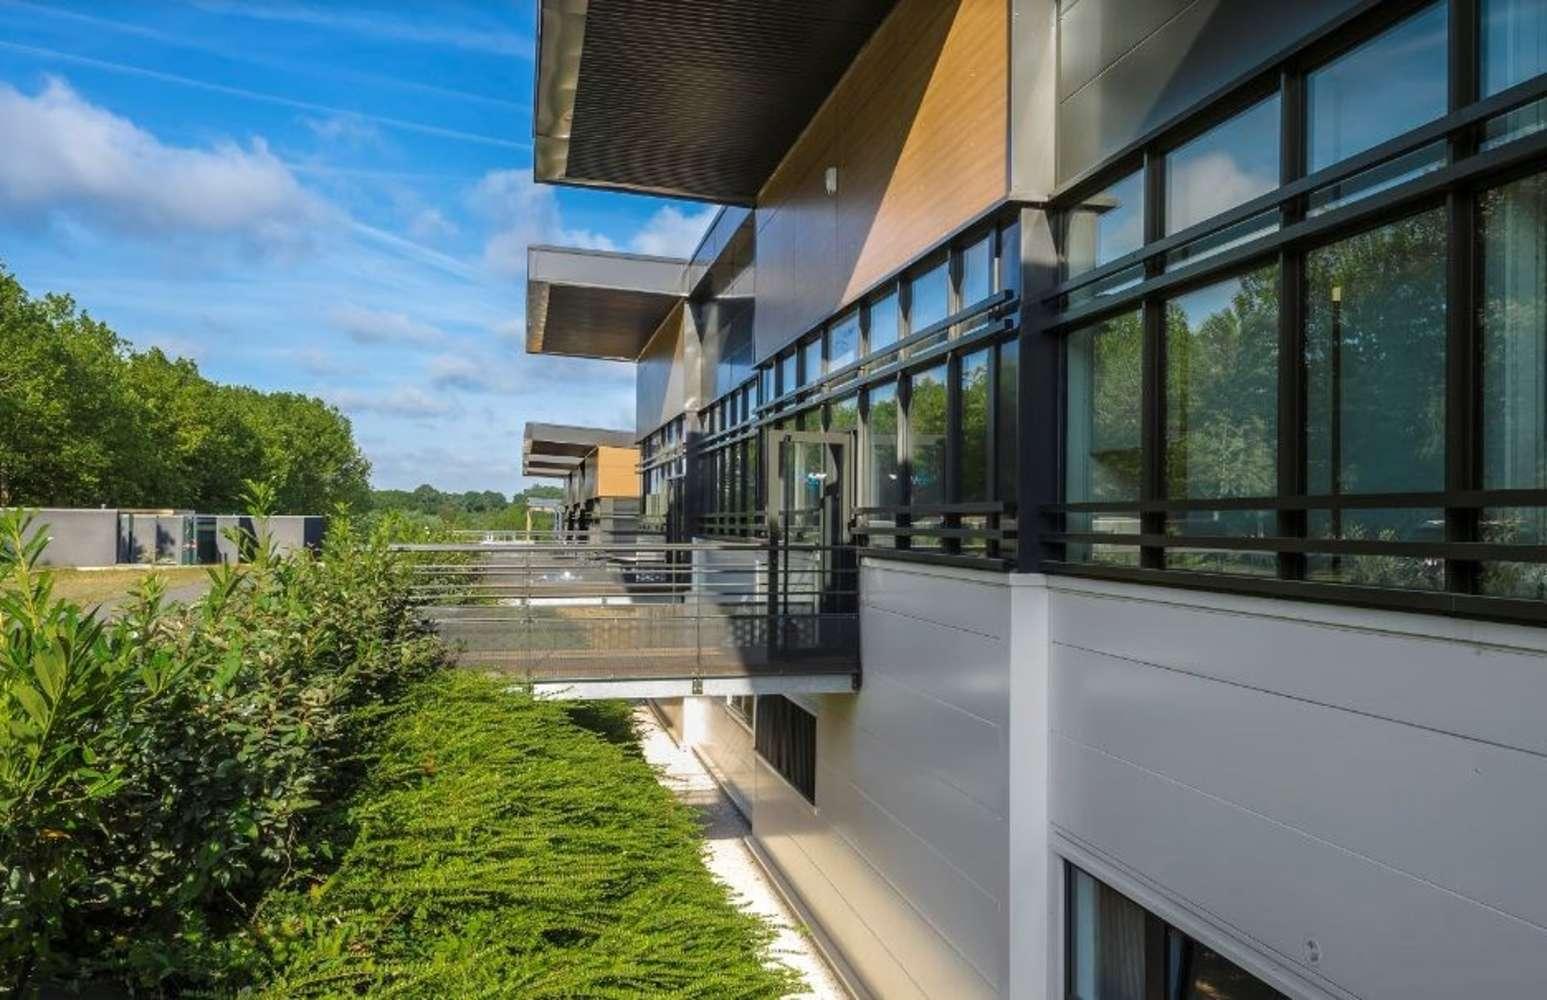 Activités/entrepôt Bussy st georges, 77600 - ZAC LEONARD DE VINCI - 9448287